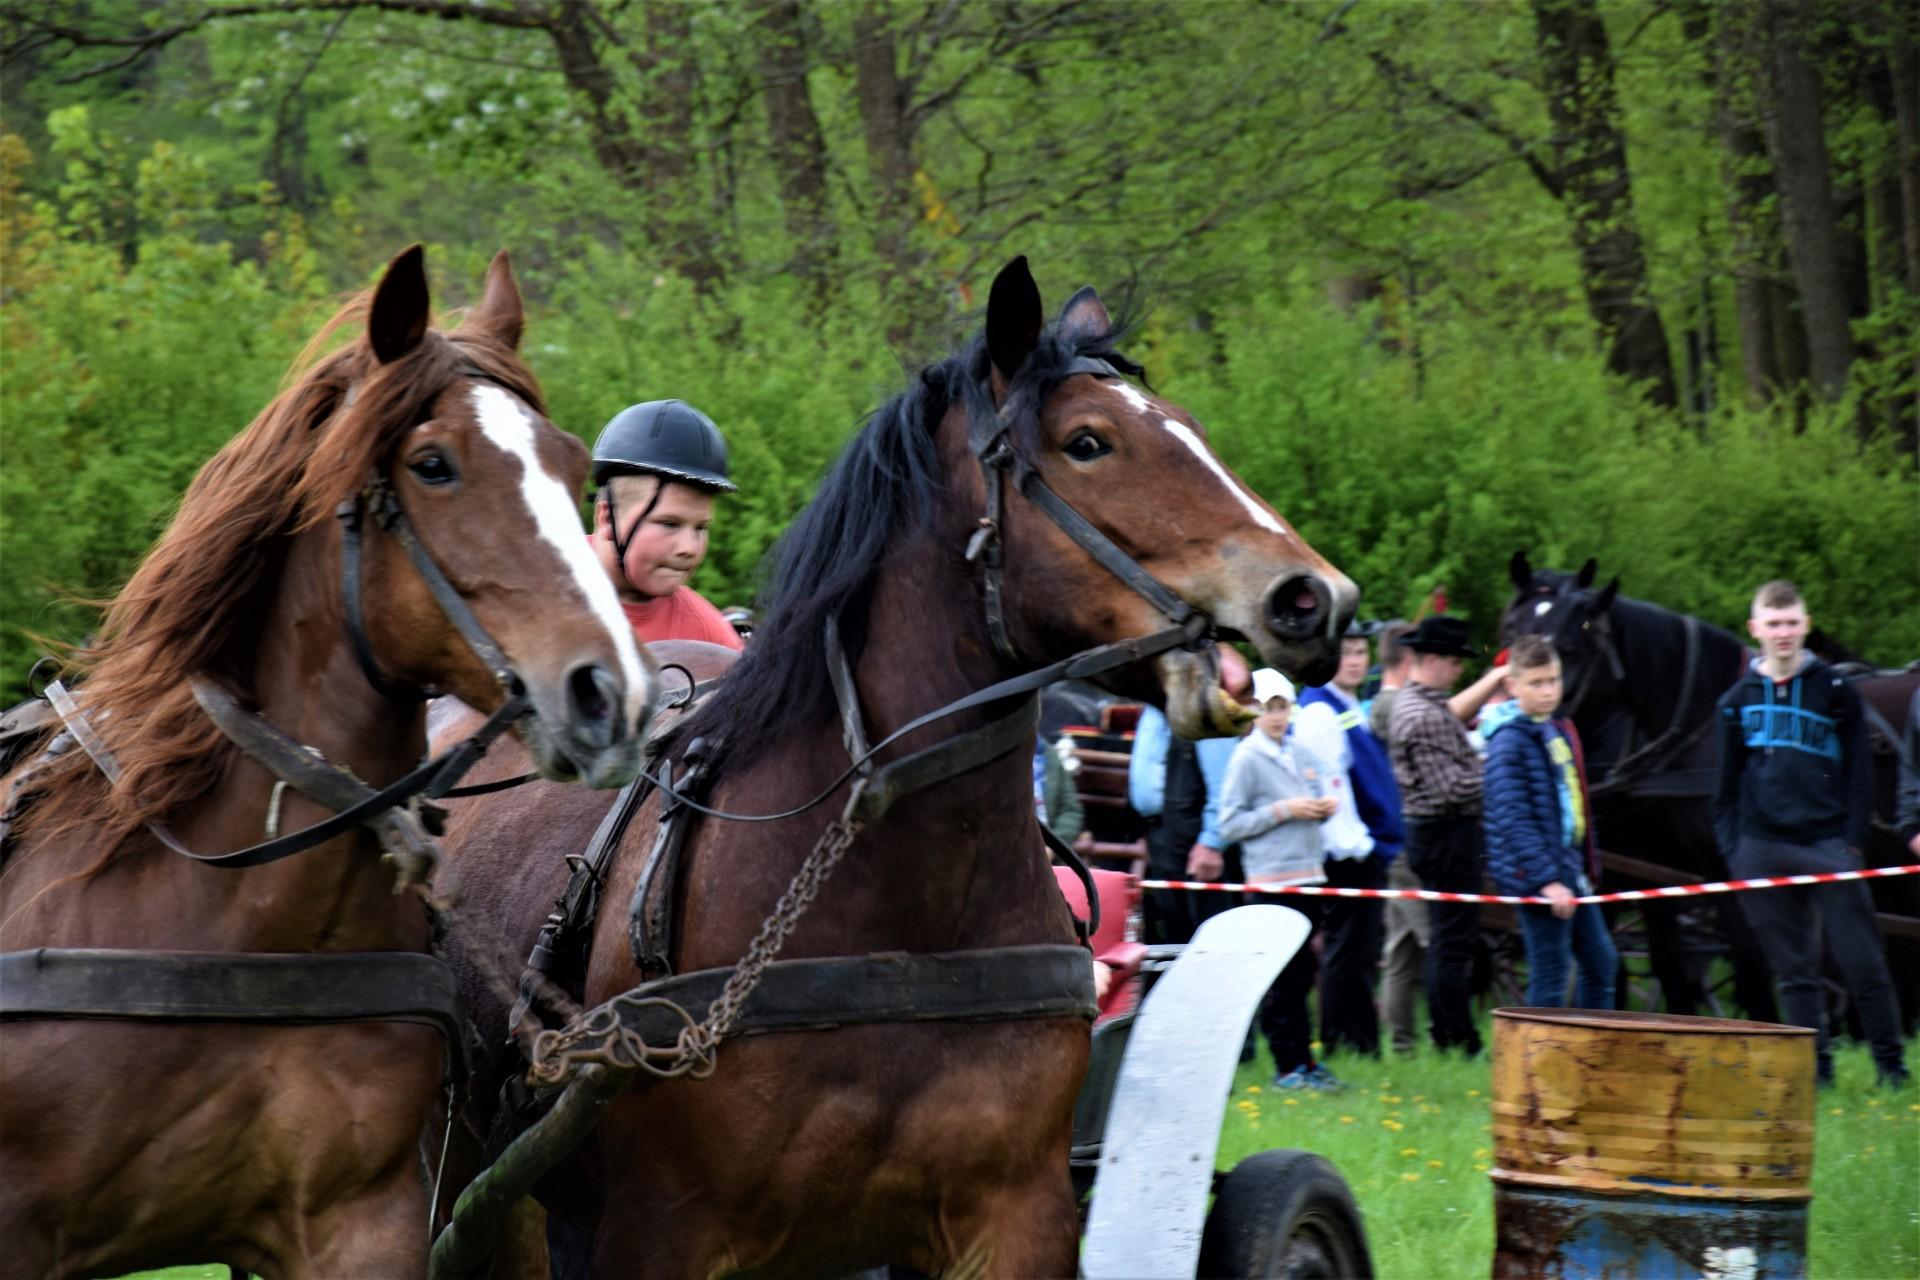 Konie, Kaszuby, Wiśta wio! Zawody w Ostrzycach [FOTOREPORTAŻ] 1